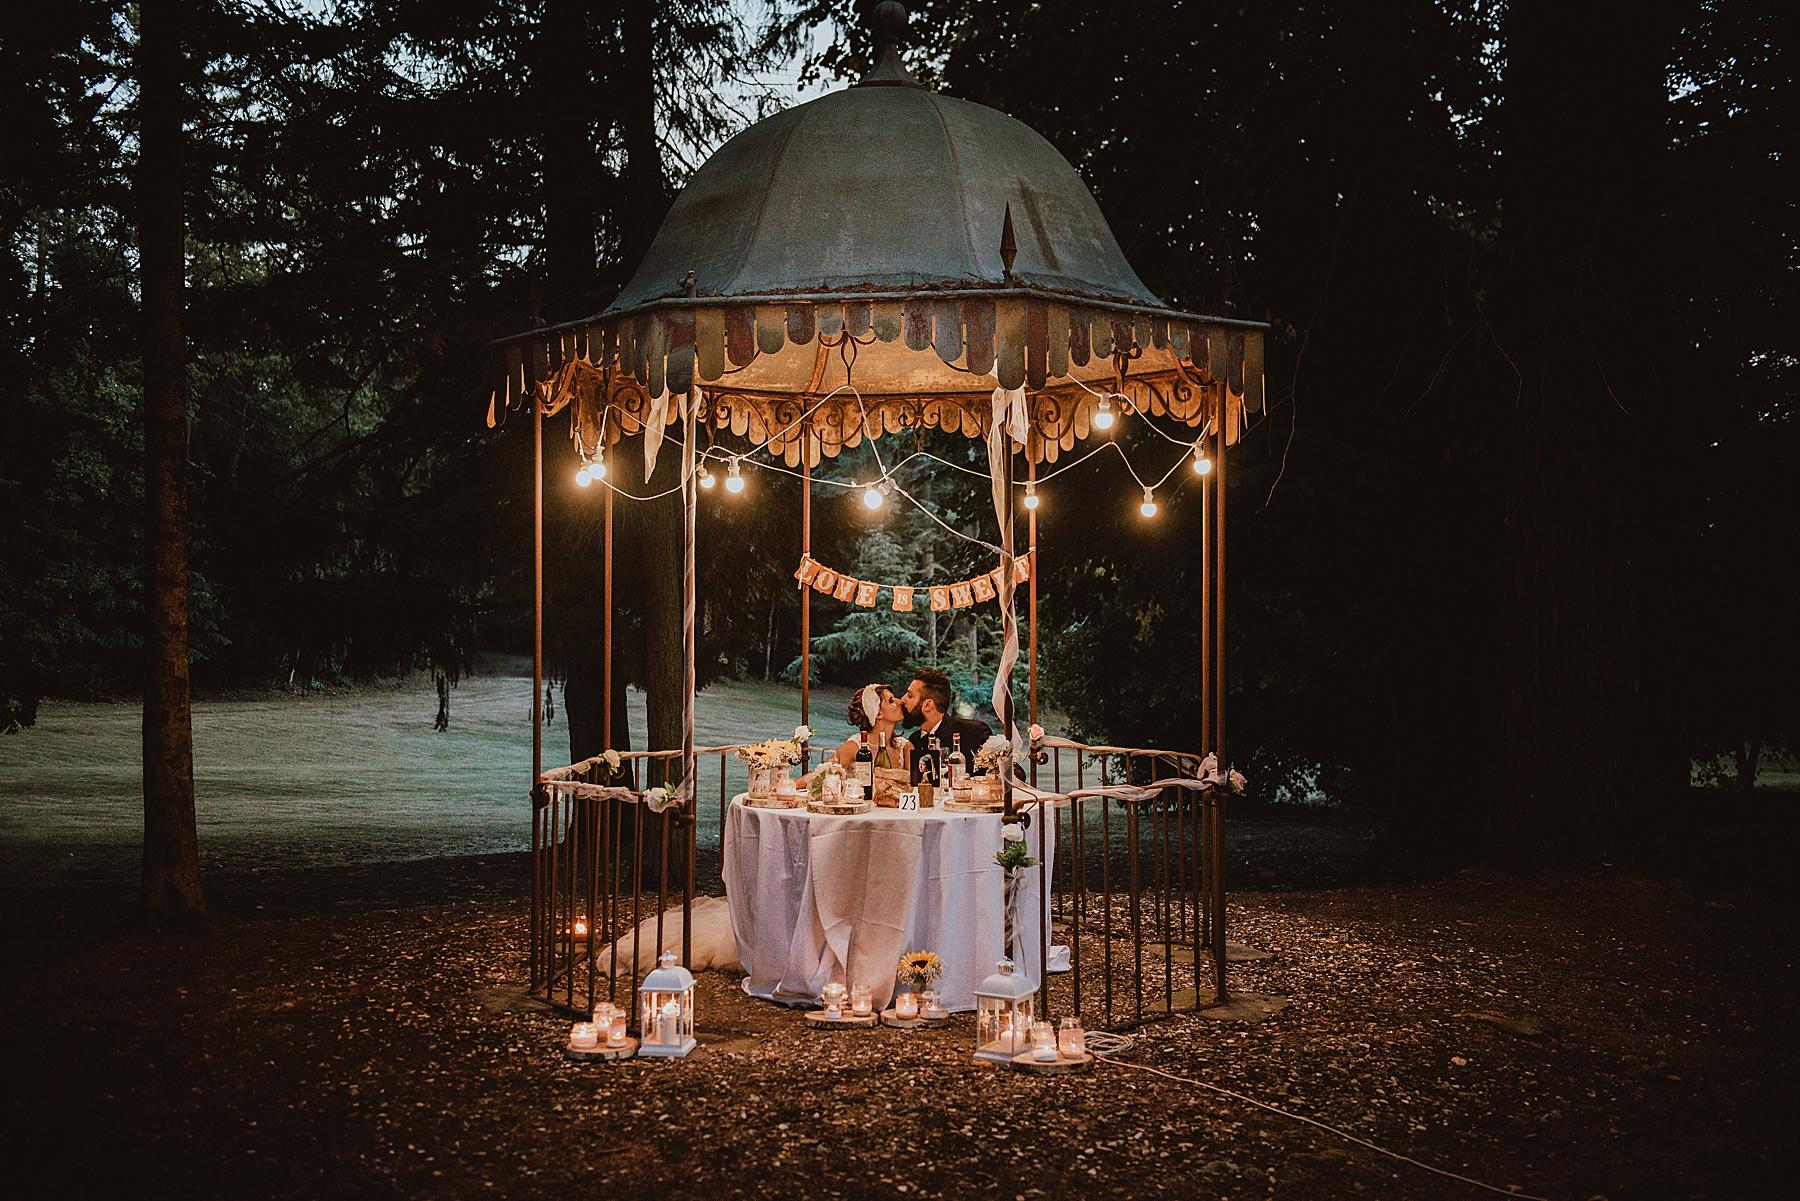 Bellissimo matrimonio a Borgo San Lorenzo a Villa di Corte con il tavolo degli sposi nell'antico gazebo del parco